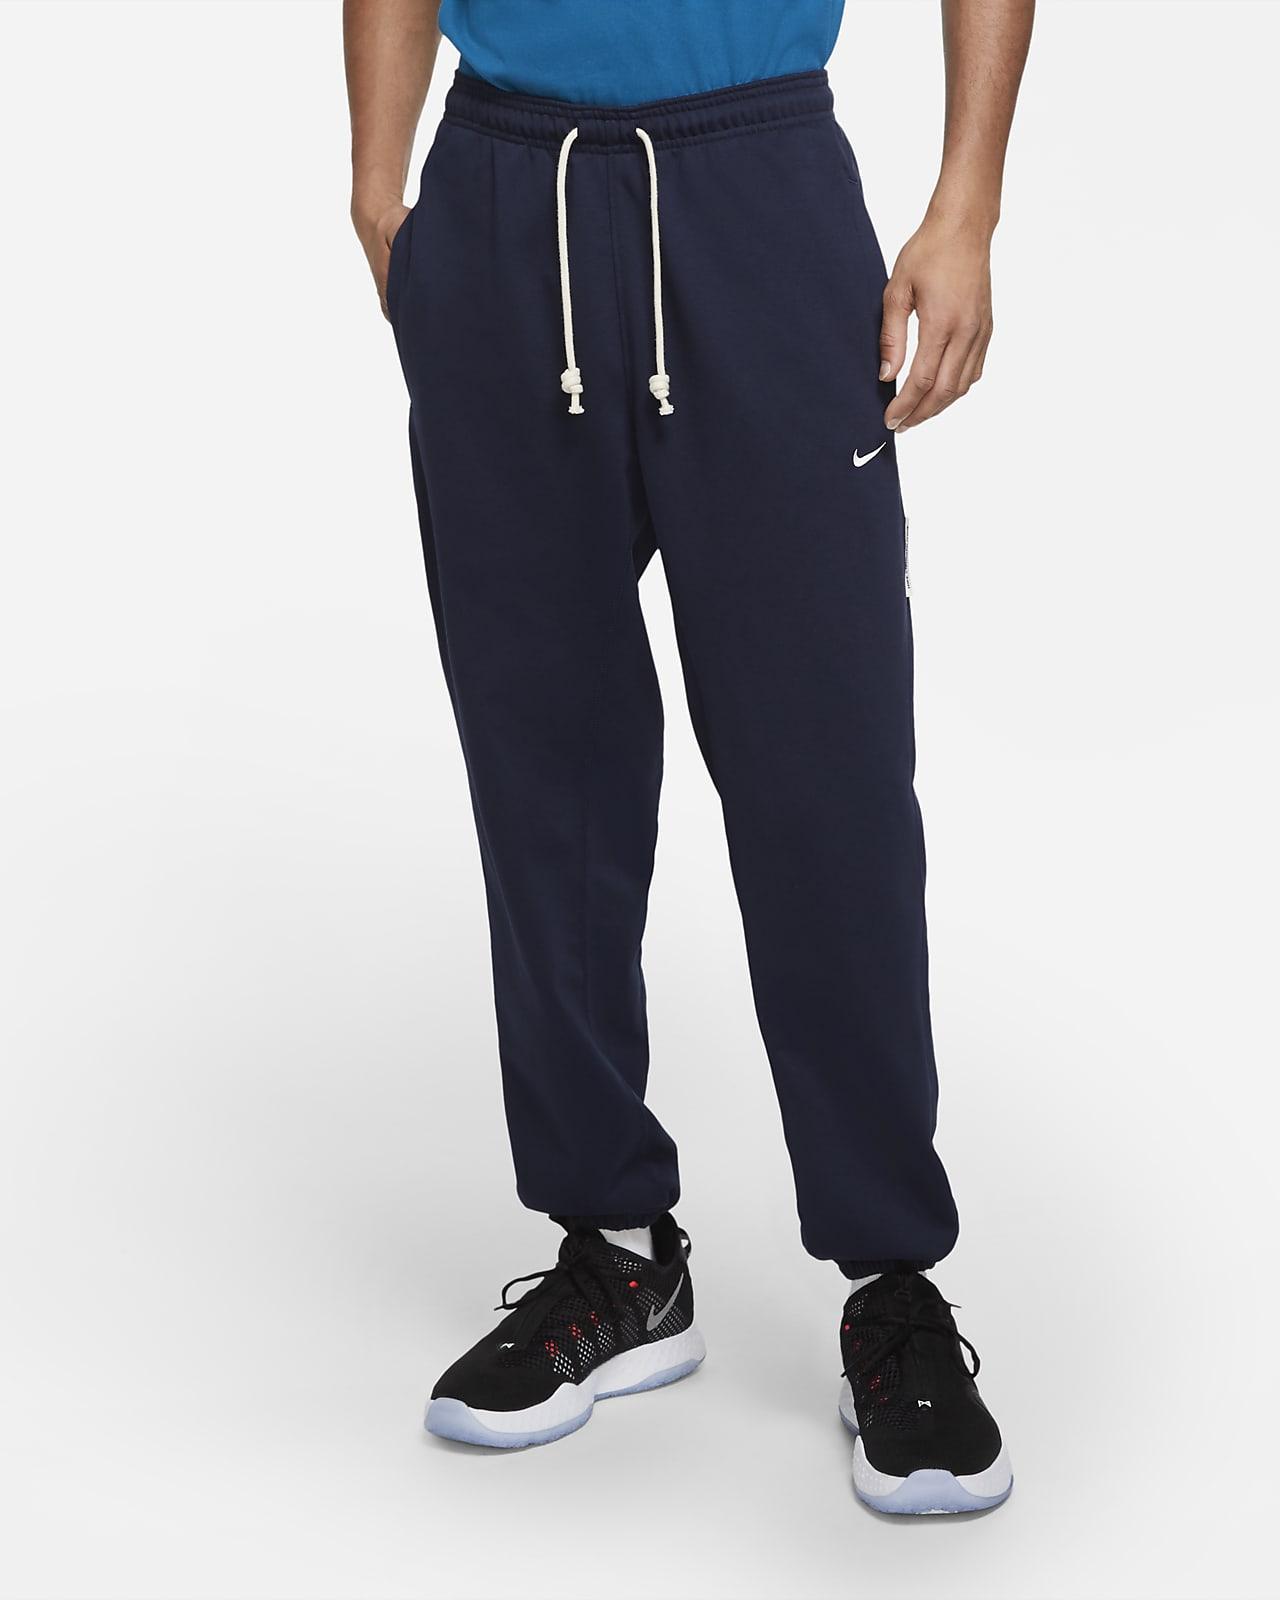 Nike Dri-FIT Standard Issue-basketballbukser til mænd